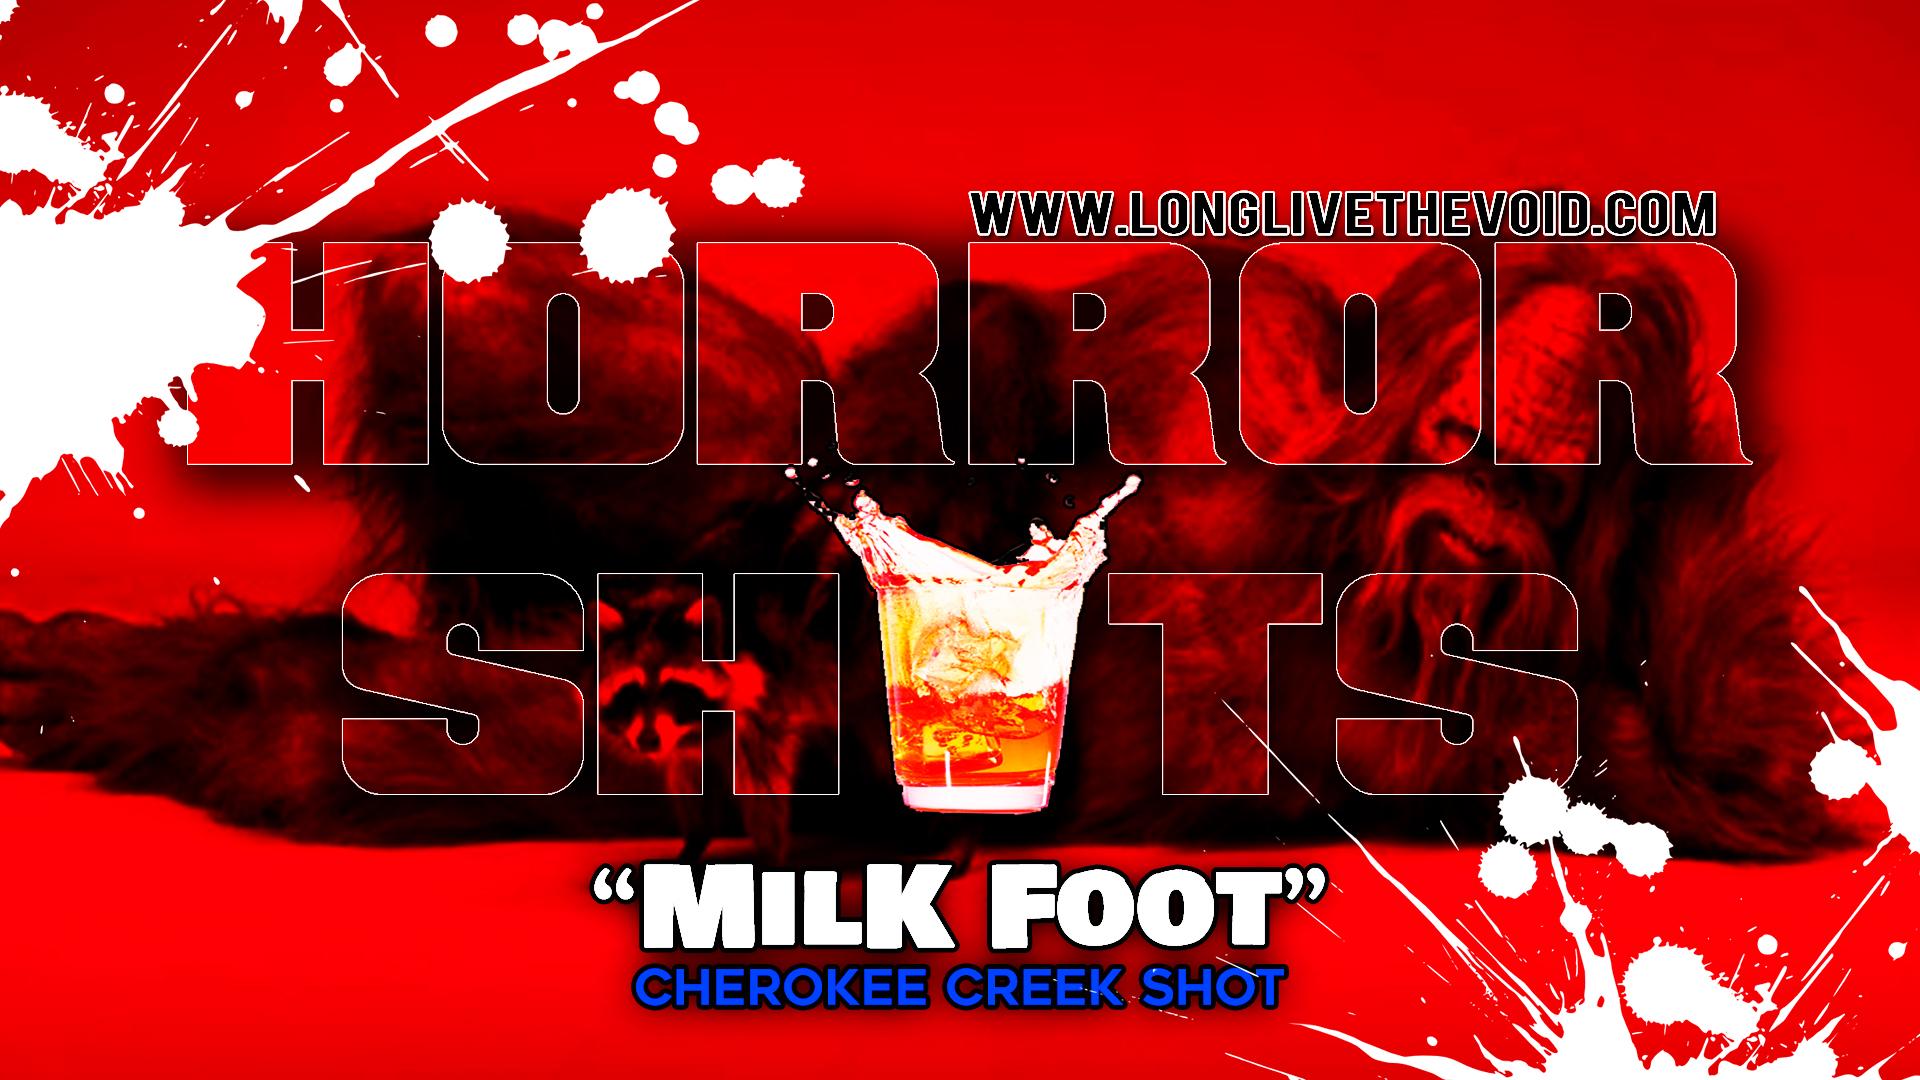 MilkFootCherokeeCreekSHOT.jpg